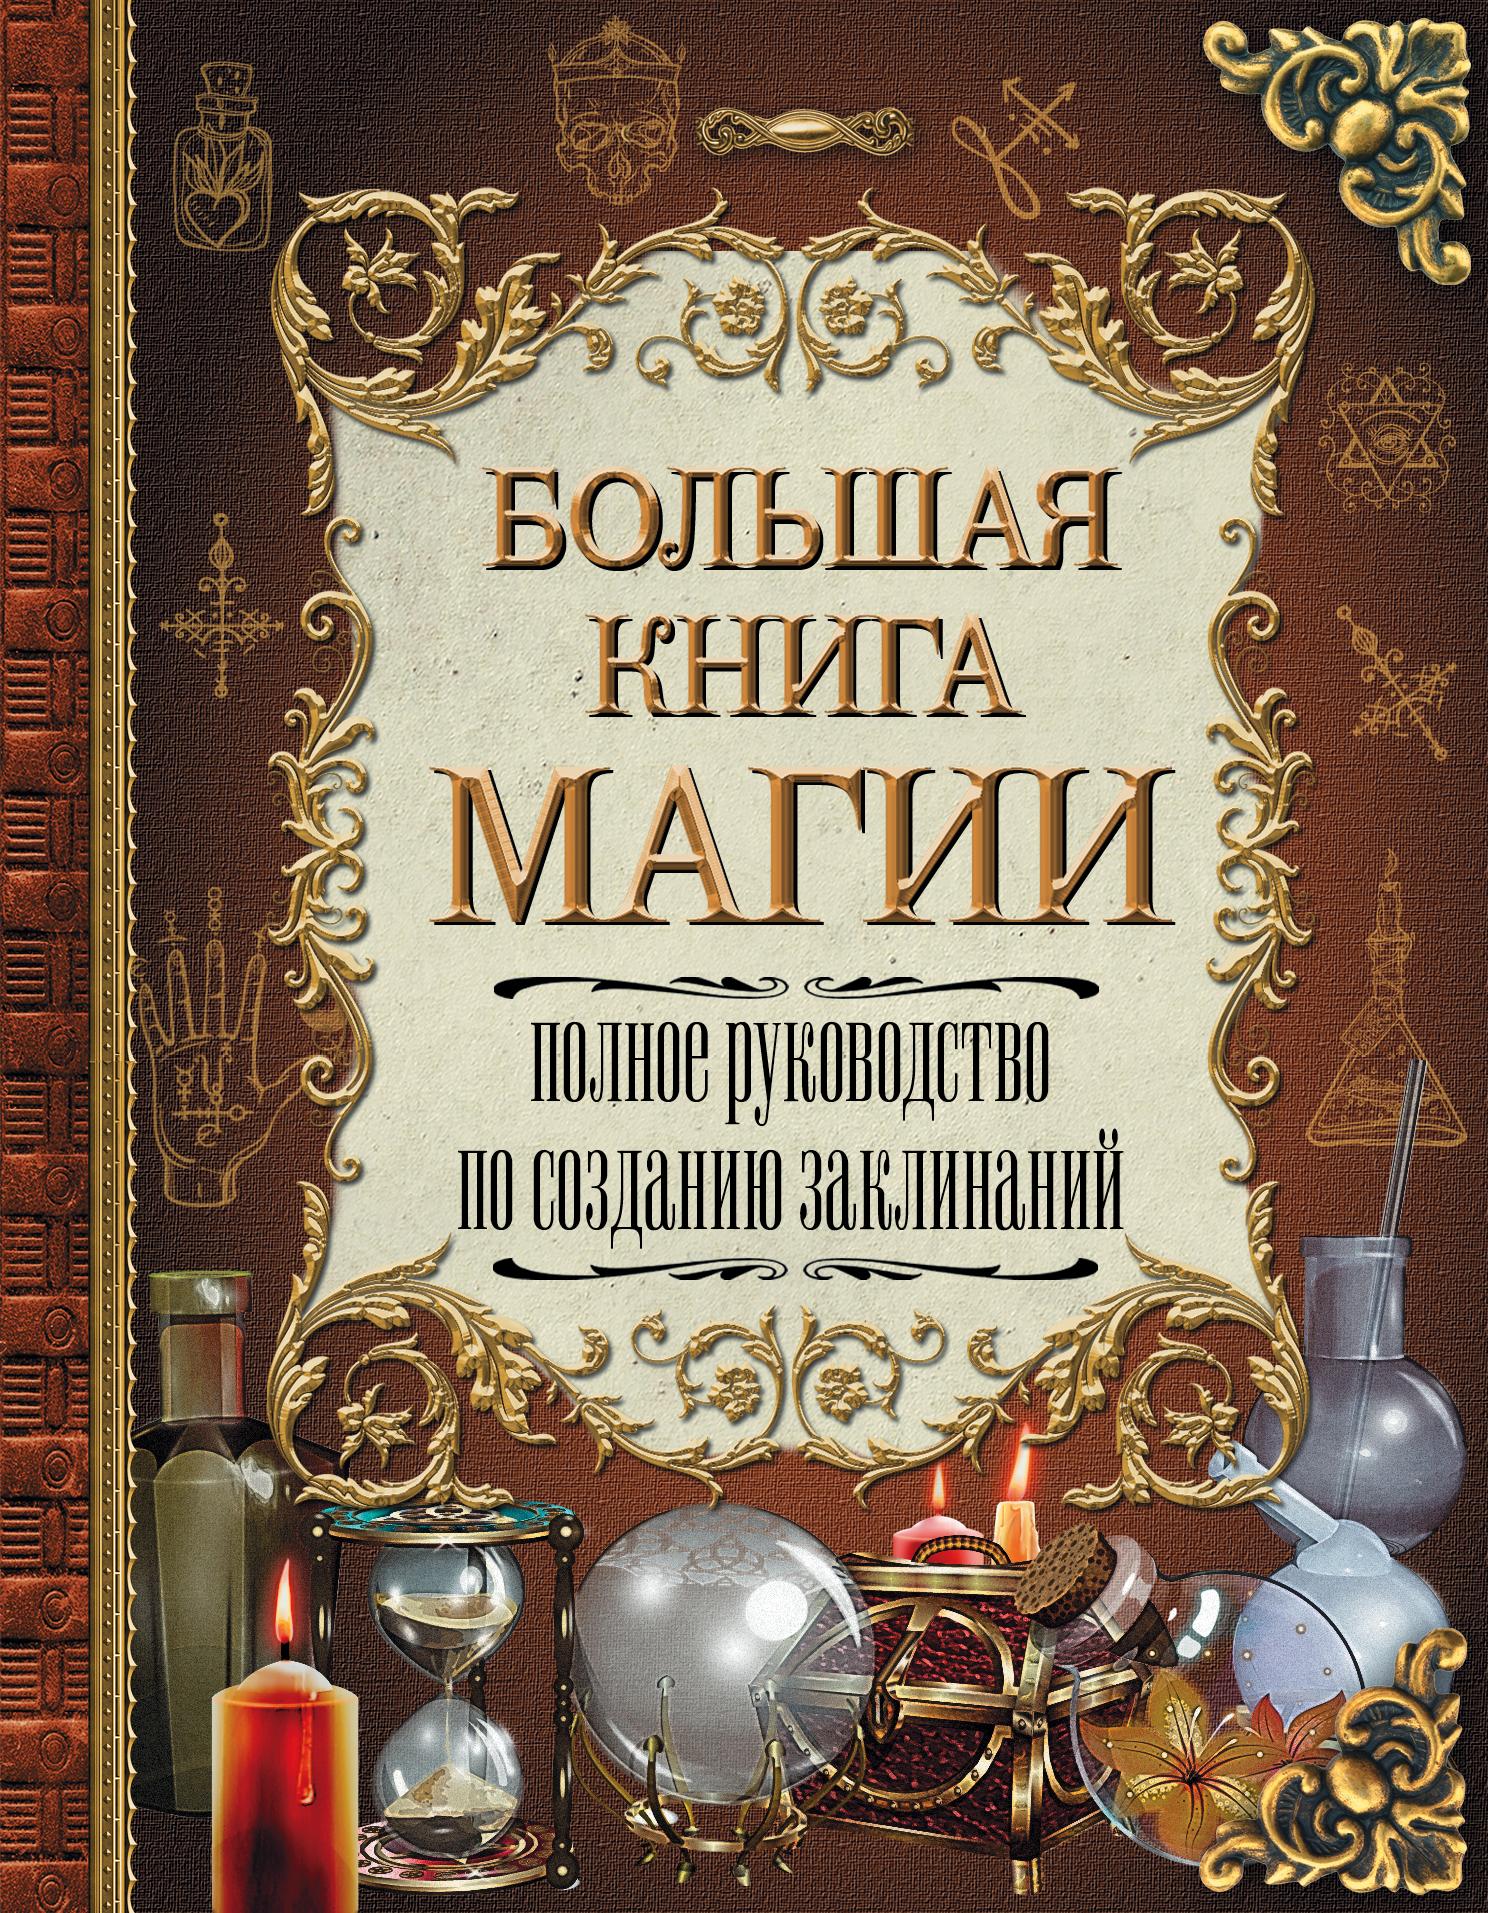 Большая книга магии. Полное руководство по созданию заклинаний от book24.ru